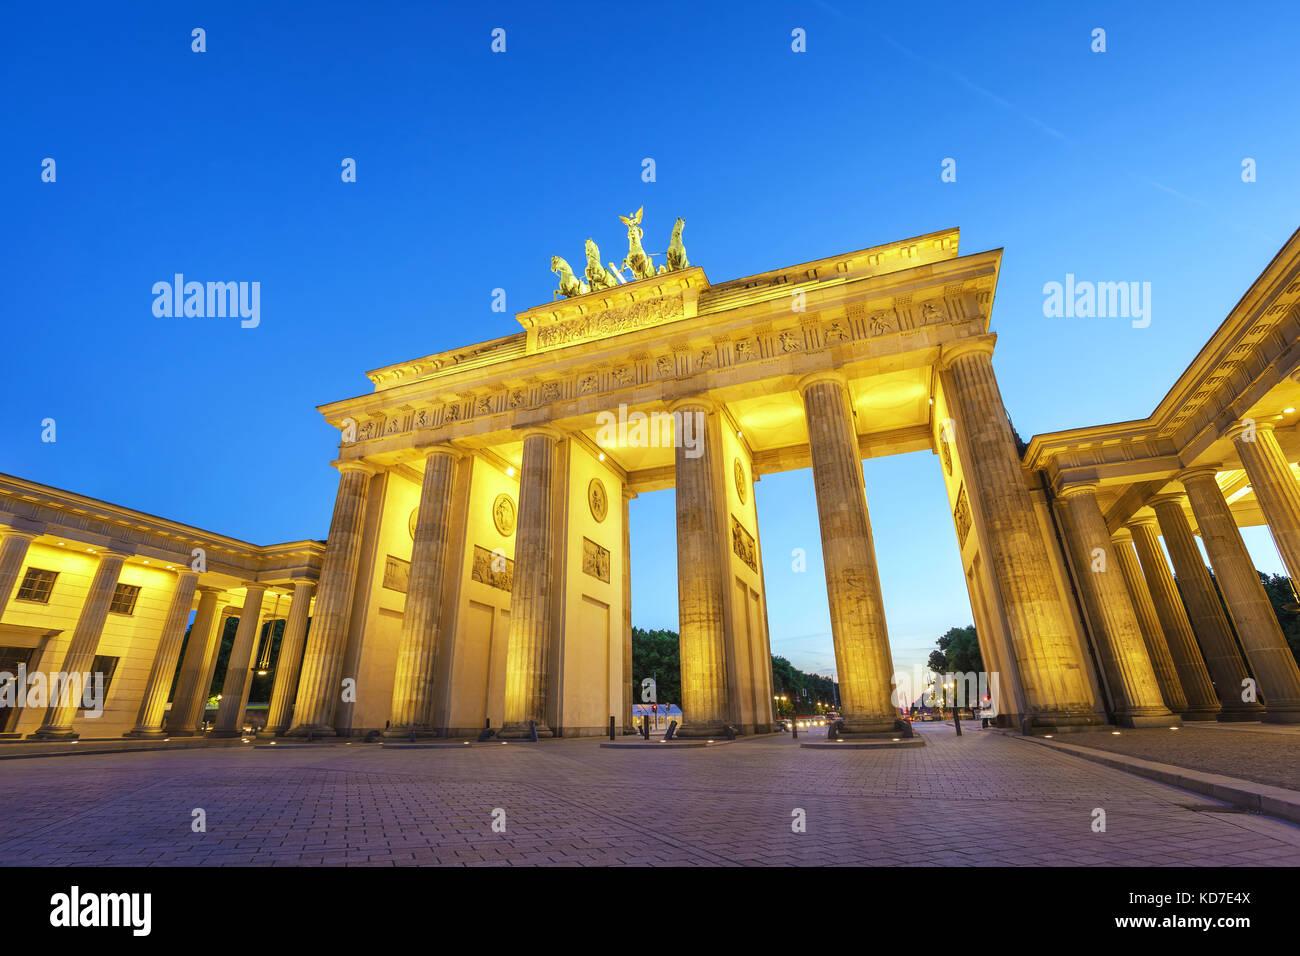 La notte di Berlino dello skyline della città presso la Porta di Brandeburgo (Brandenburger Tor), Berlino, Germania Foto Stock